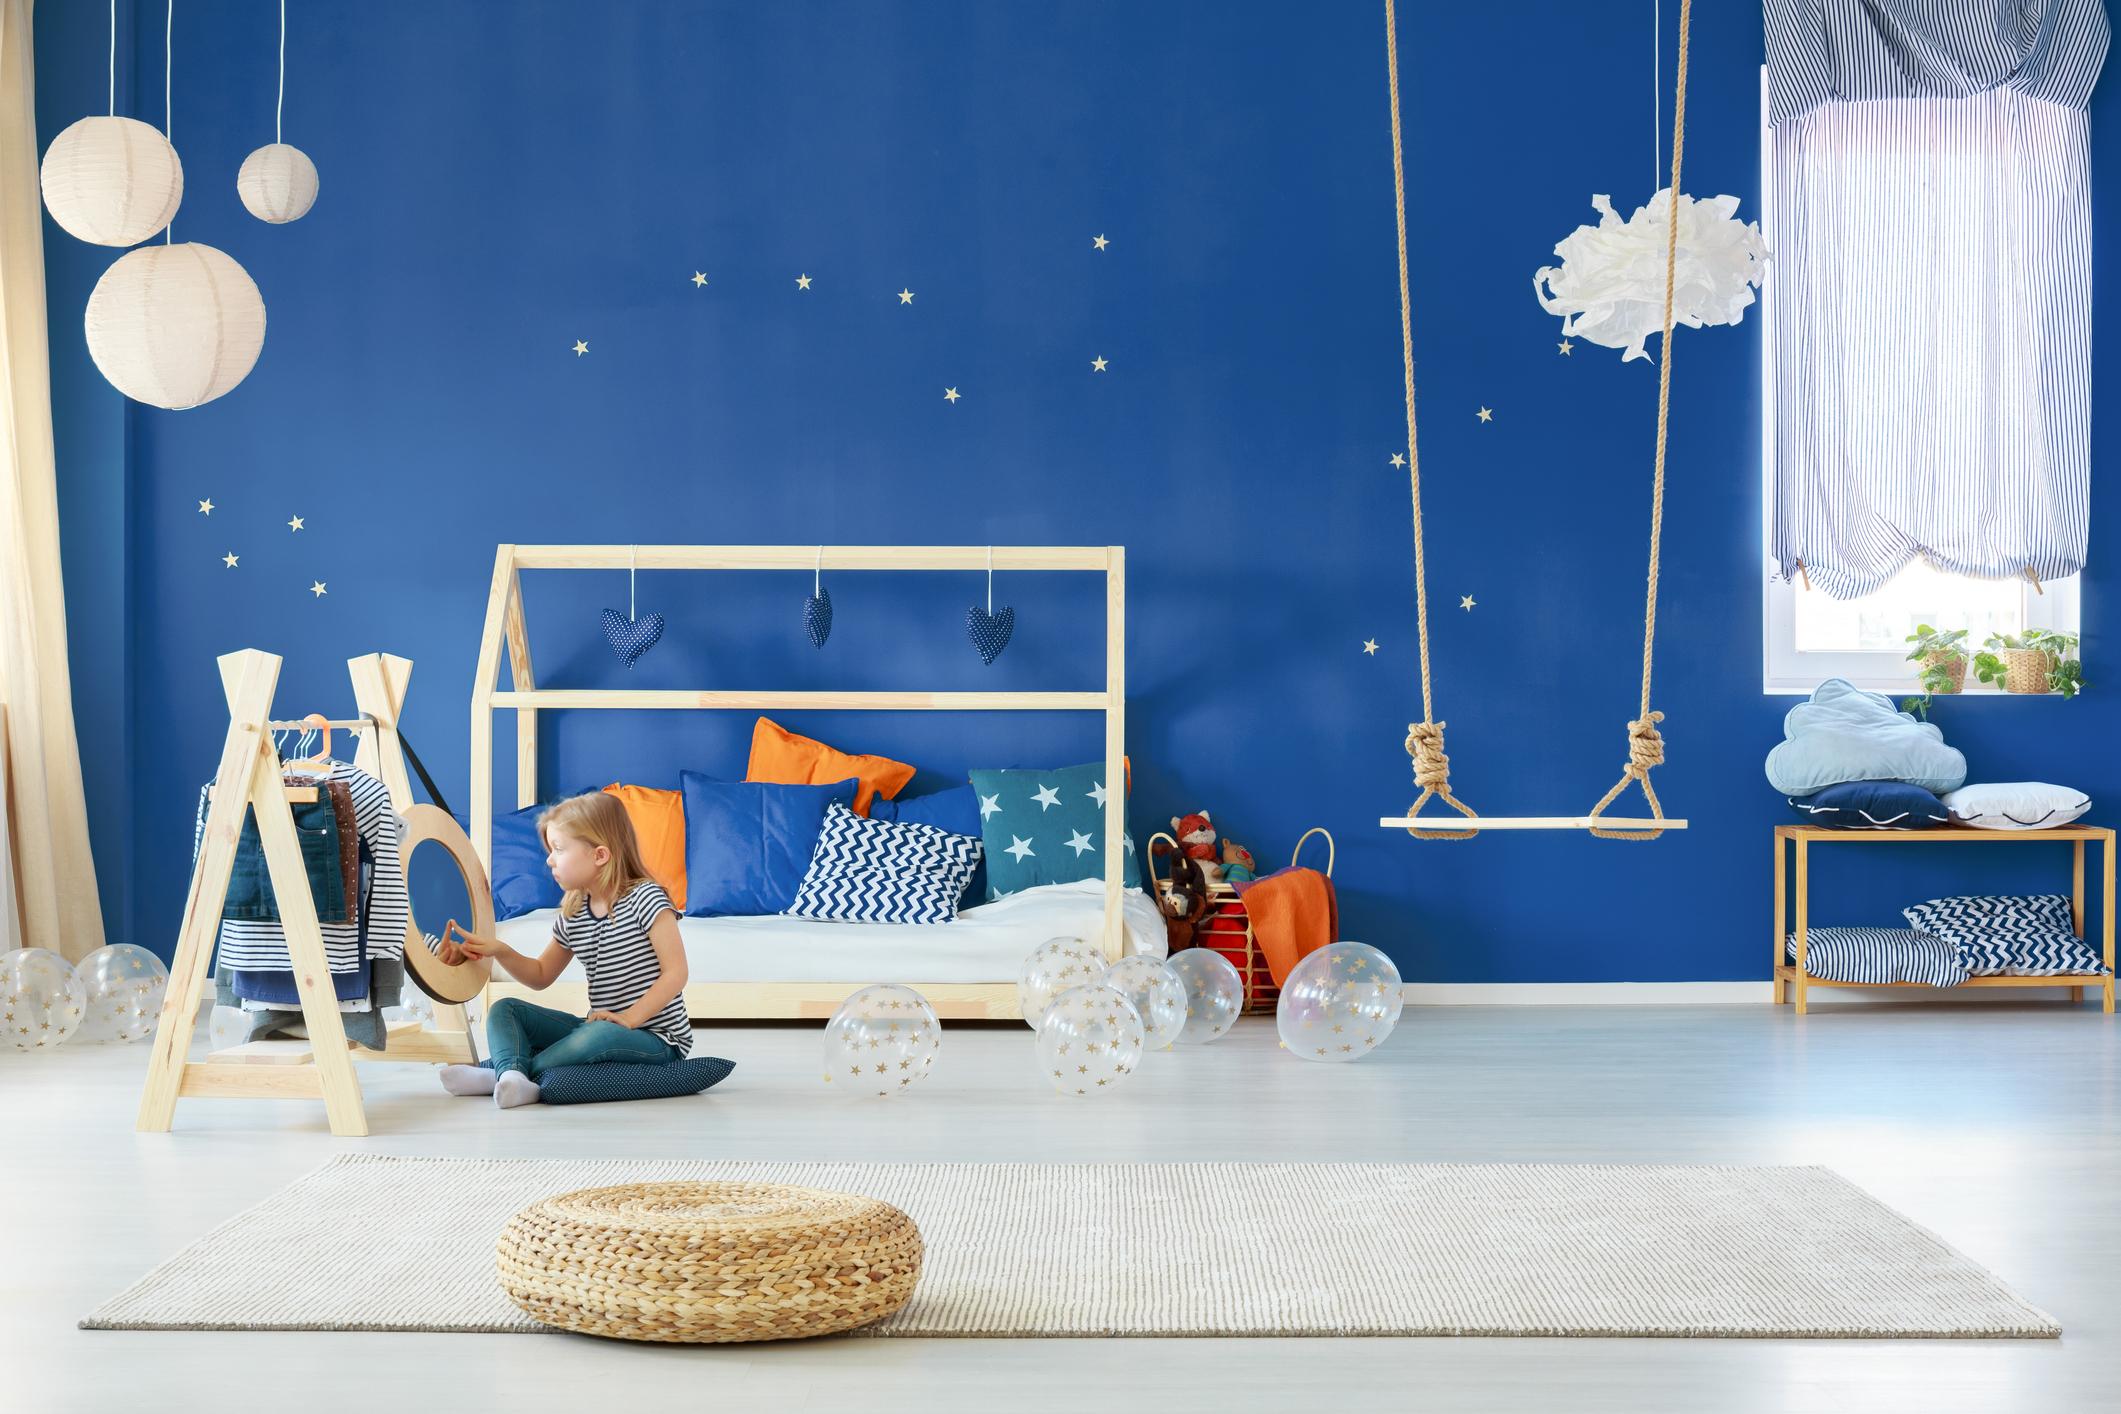 Ако стаята е за дете, боядисайте я в по-ярки тонове.